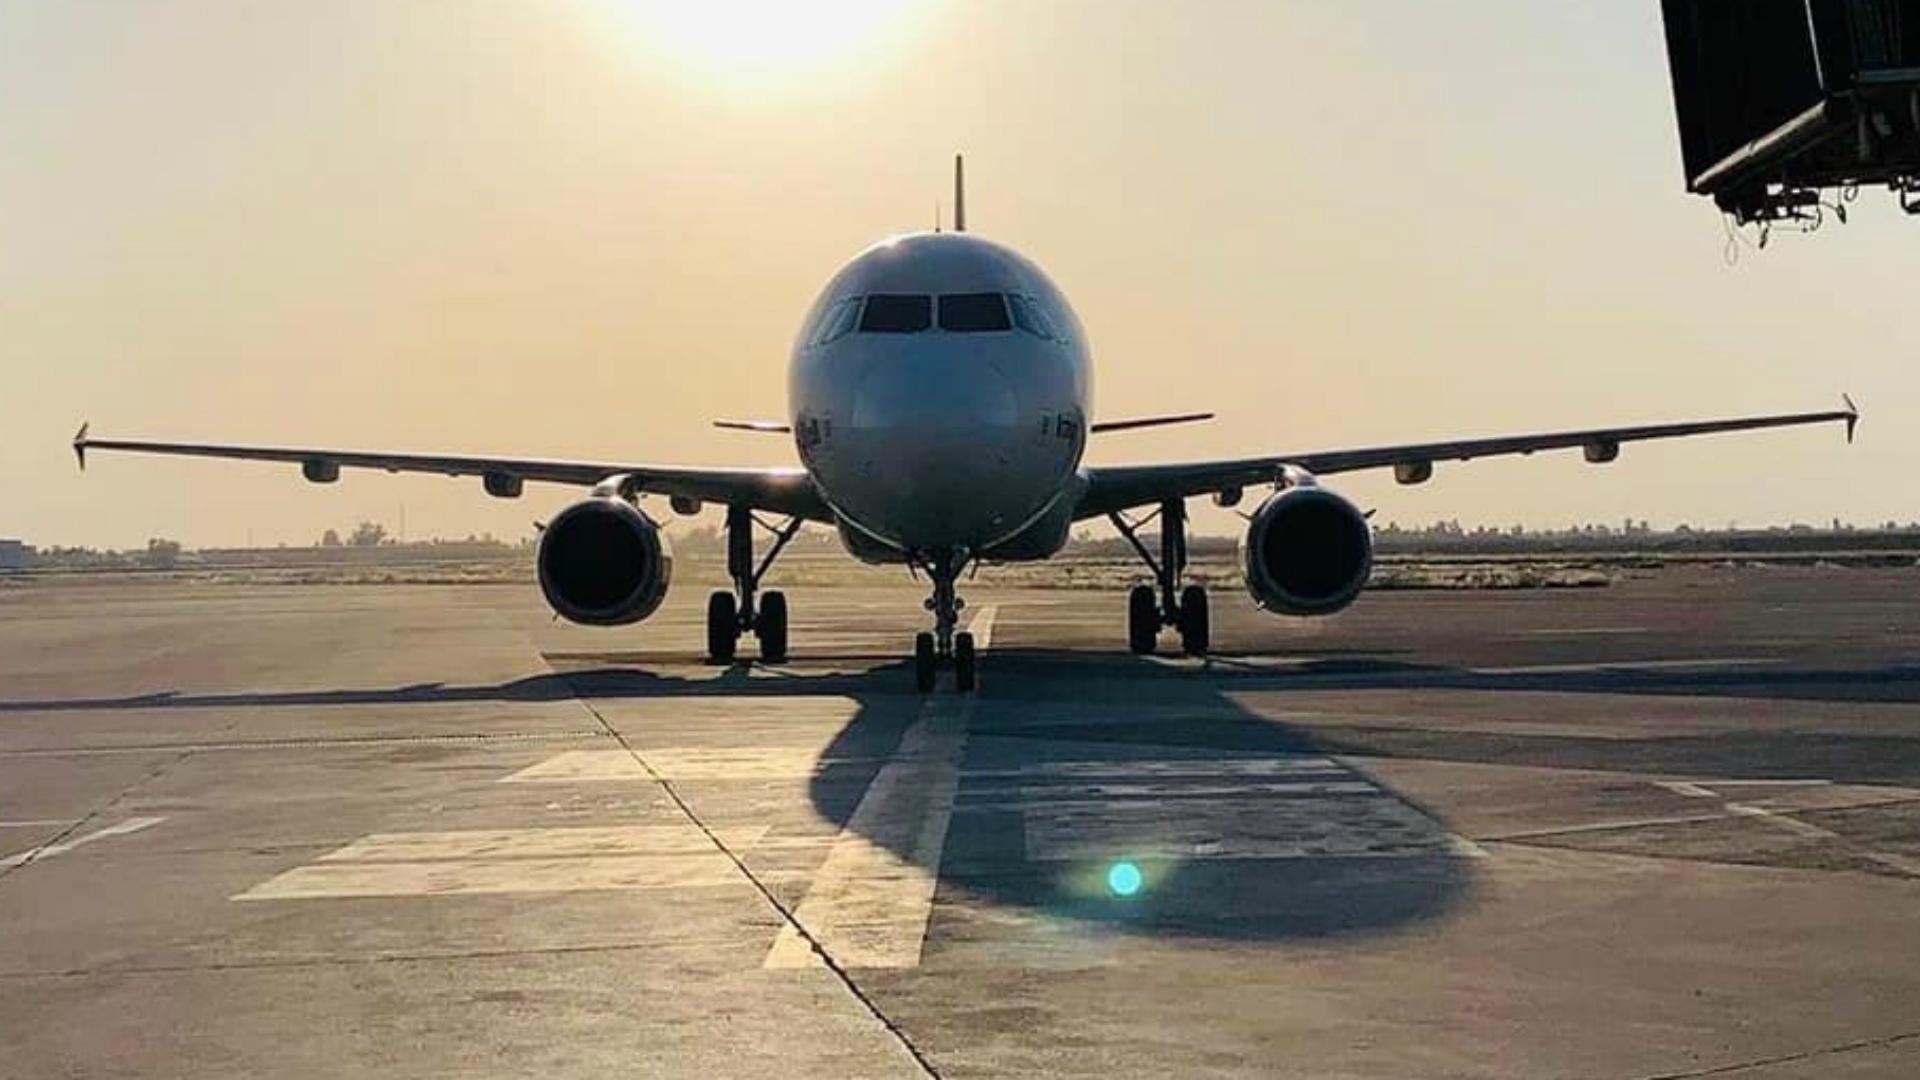 الطيران المدني: استئناف الرحلات مرتبط بقرارات اللجنة العليا